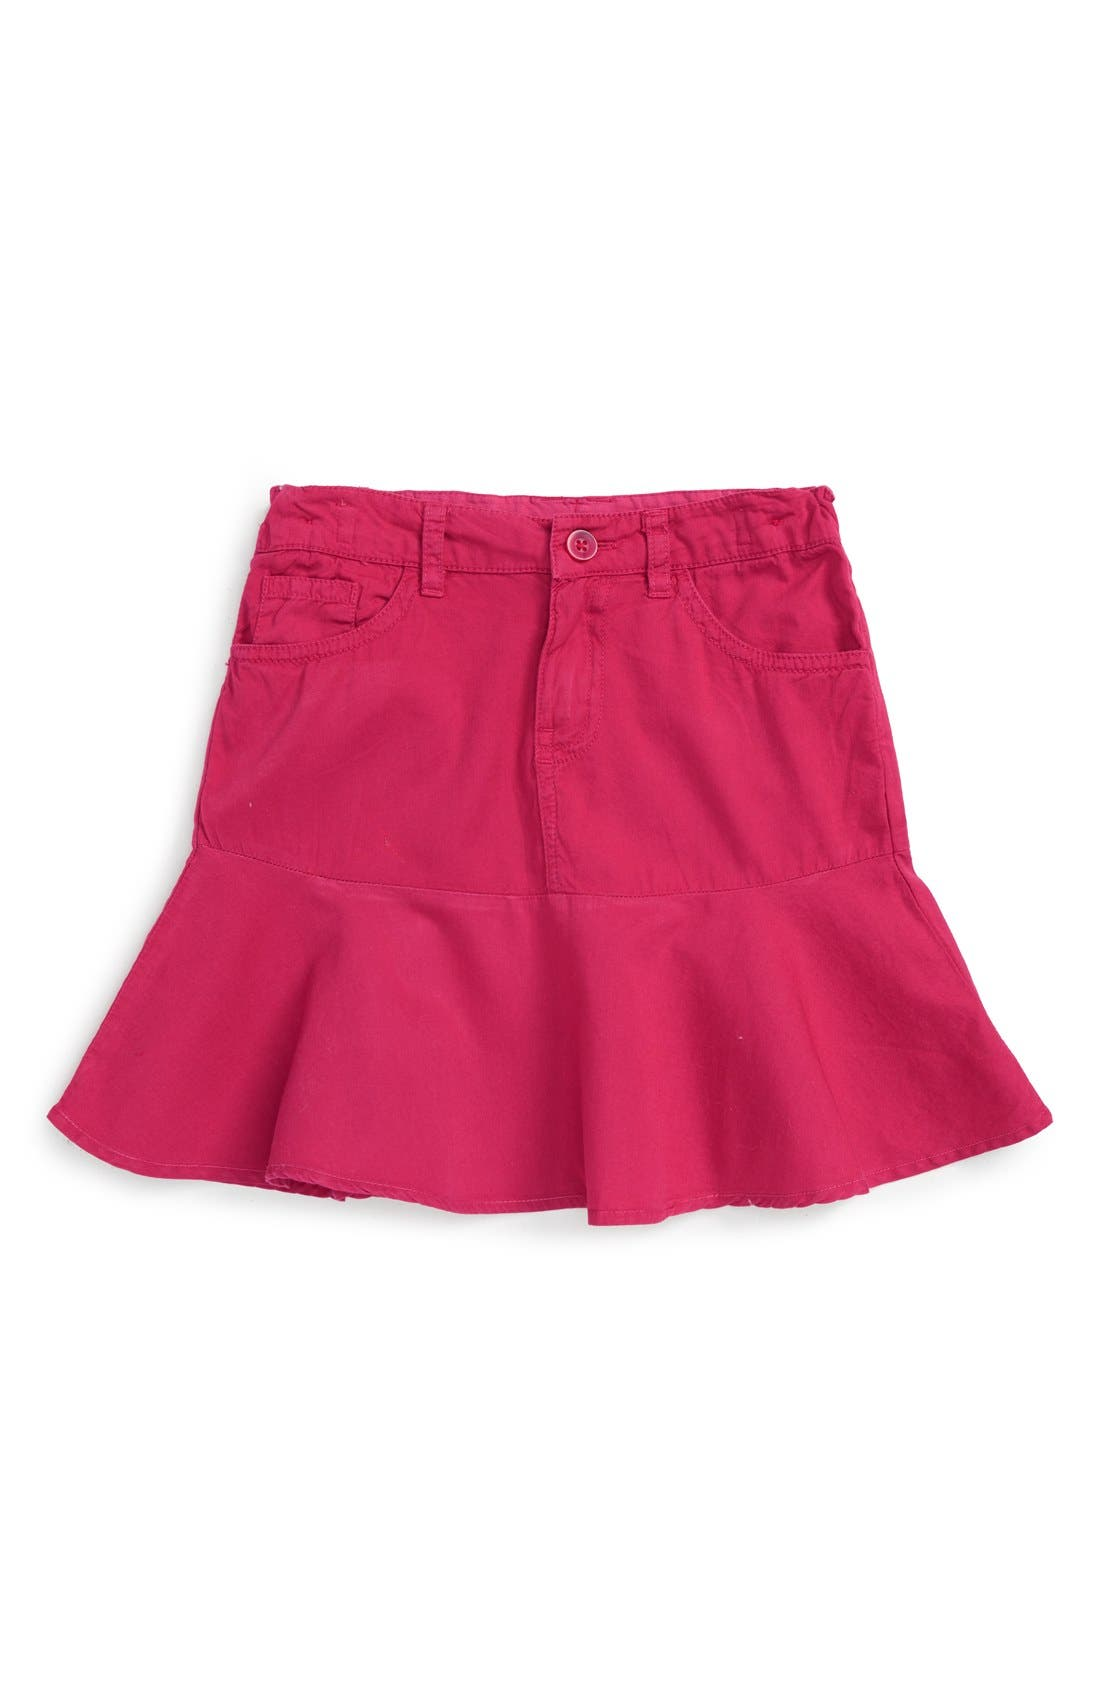 Toddler Girls Pumpkin Patch Ruffle Skirt Size 2T  Pink